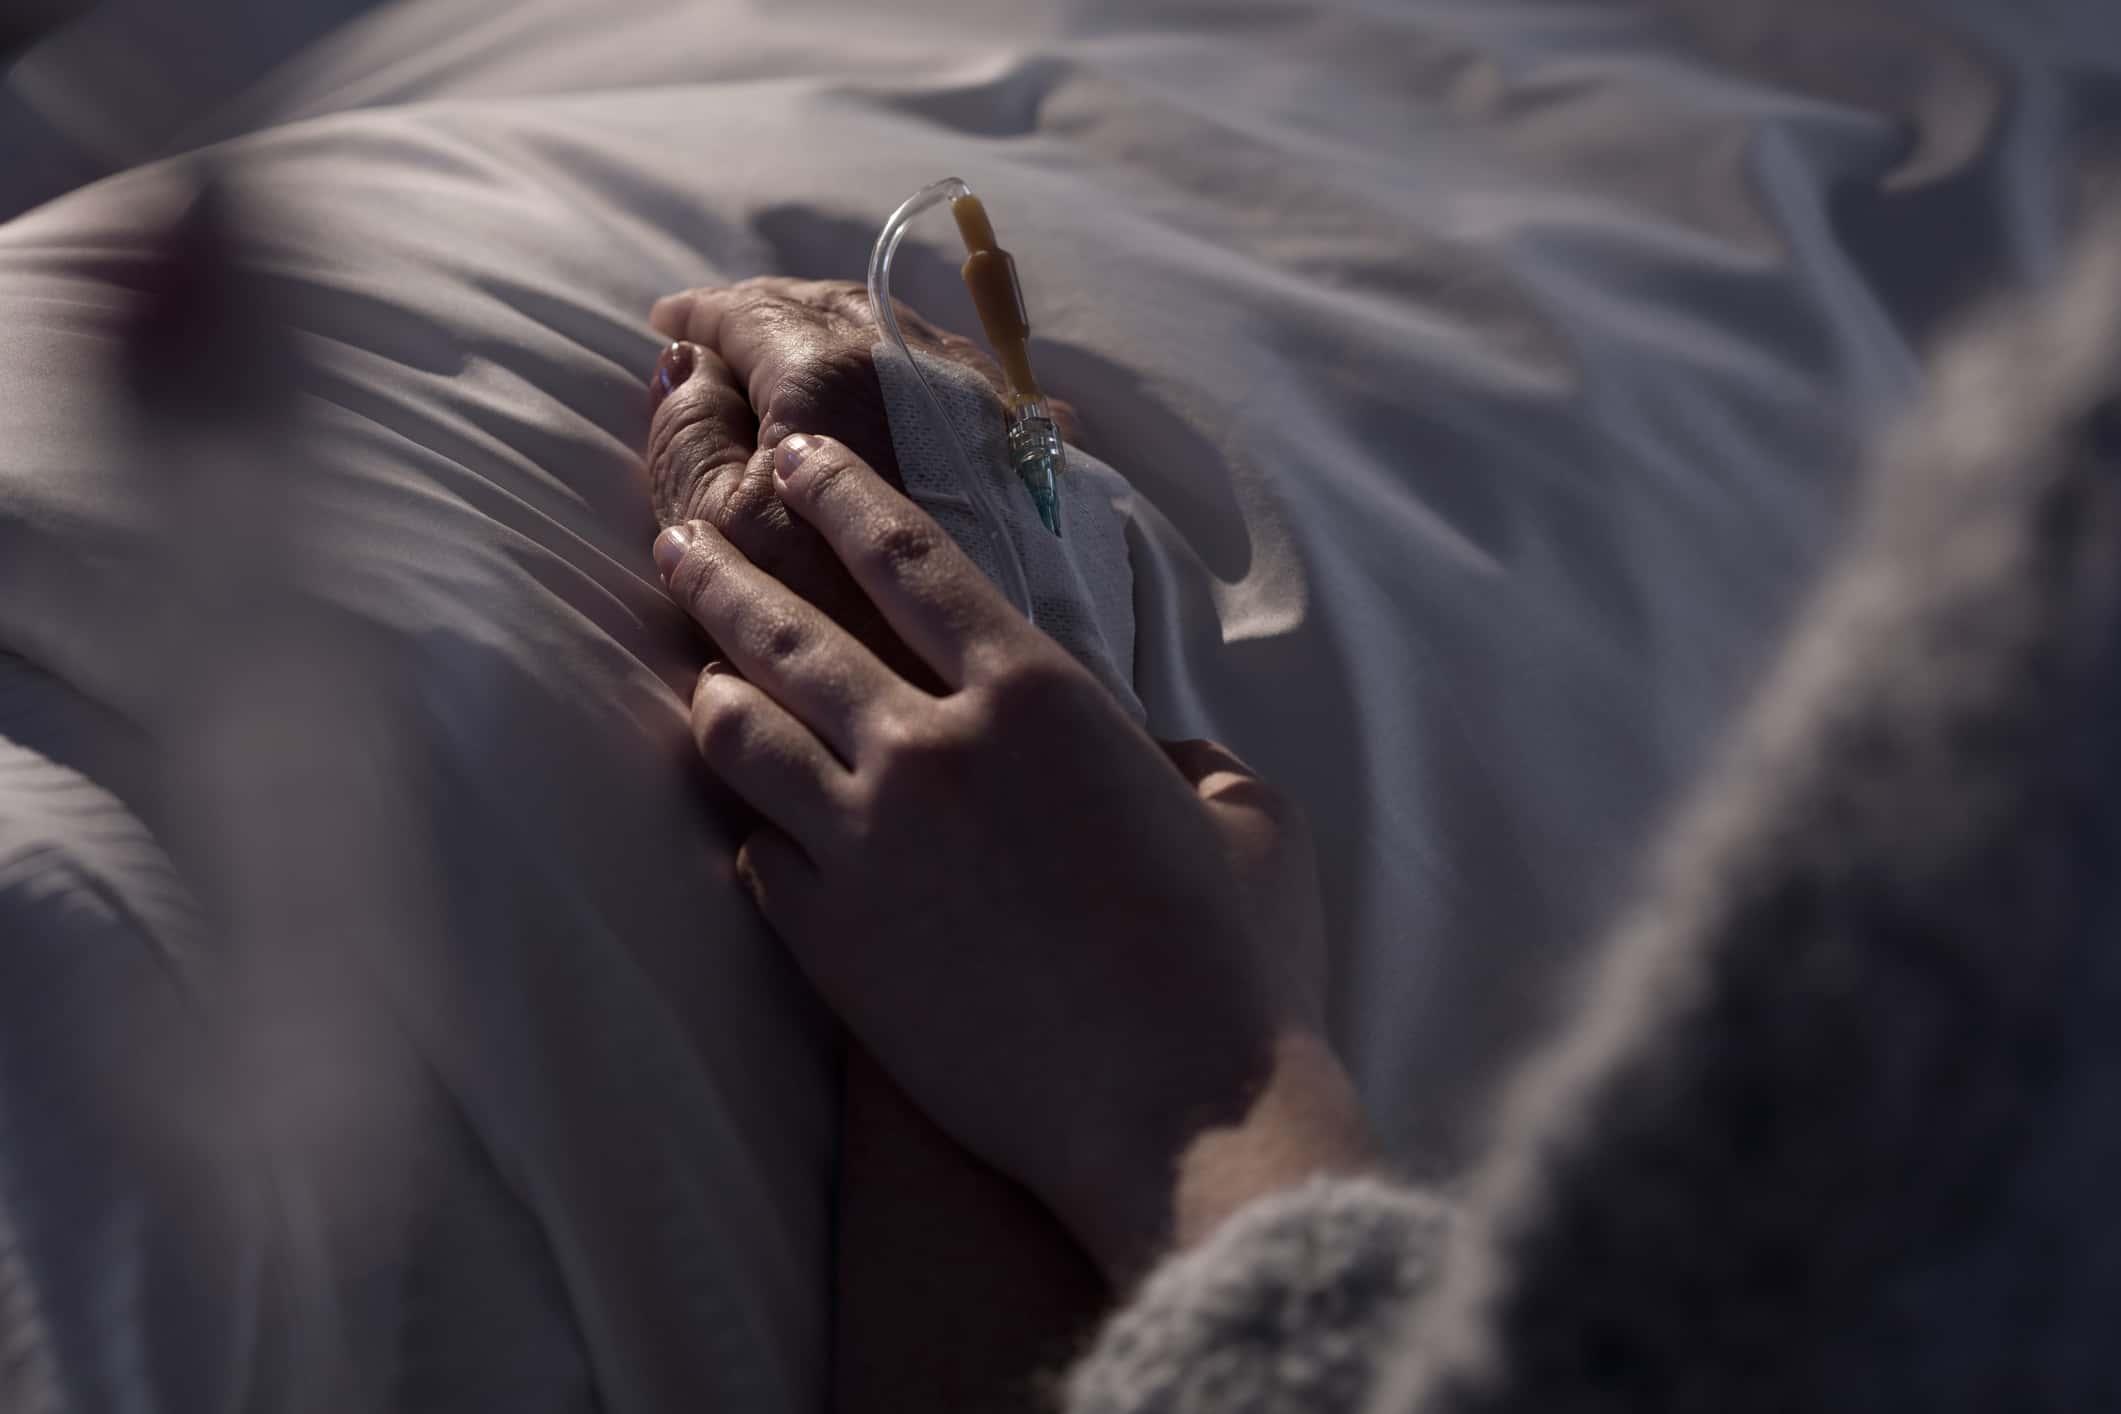 Le jour où j'ai perdu ma mère